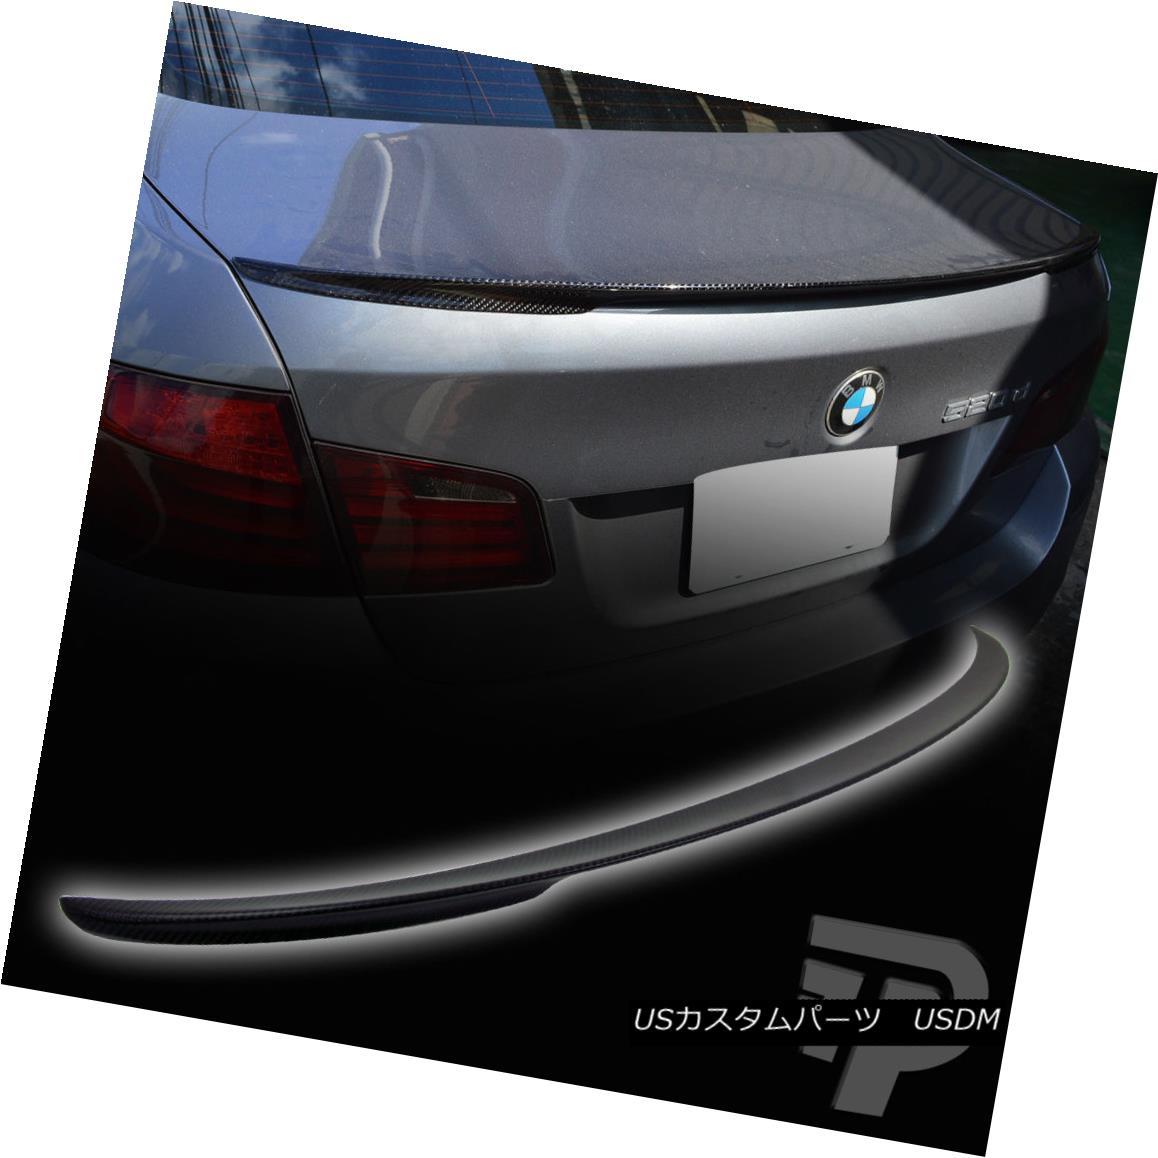 エアロパーツ MATTE CARBON FIBER BMW 5-SERIES F10 P PERFORMANCE TYPE REAR BOOT TRUNK SPOILER ▼ MATTE CARBON FIBER BMW 5シリーズF10 Pパフォーマンスタイプリア・ブーツ・トランク・スポイラー?